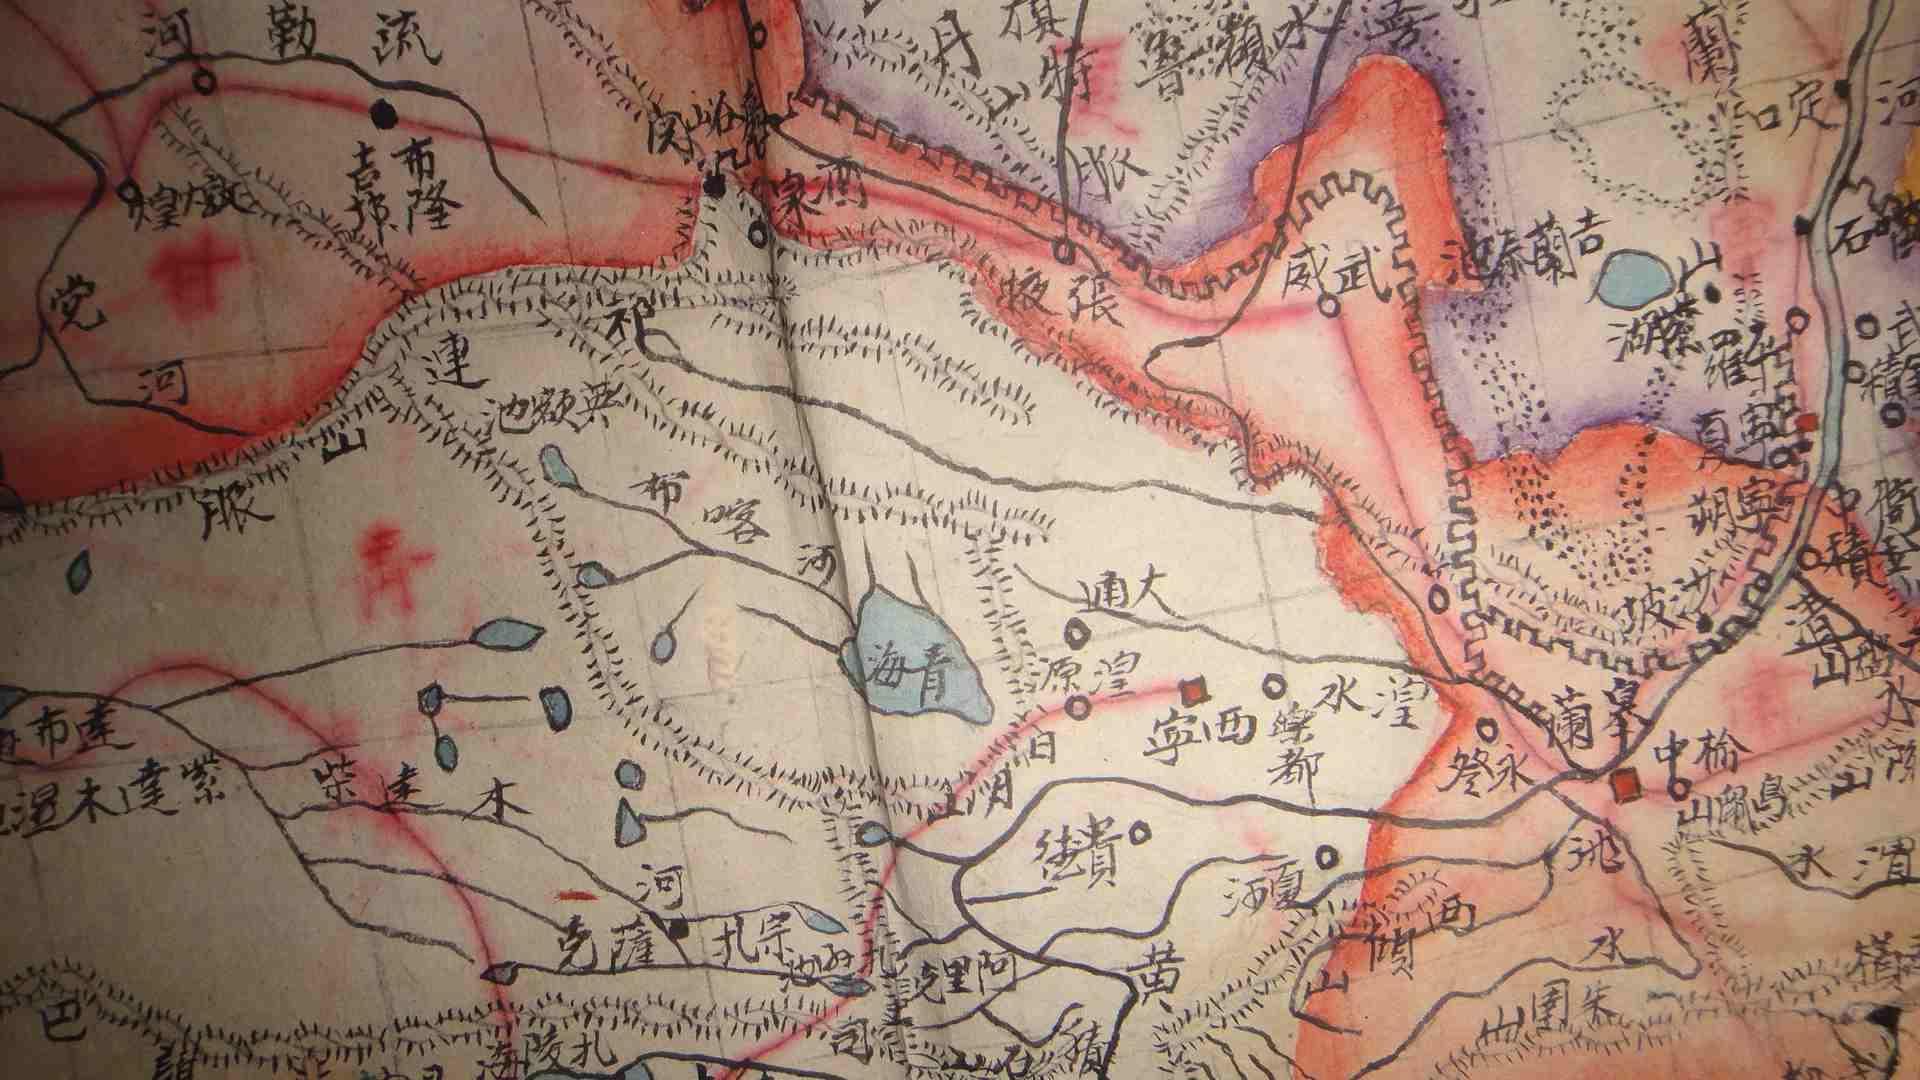 【图】民国彩色手绘地图-陕西-安徽-甘青宁3张